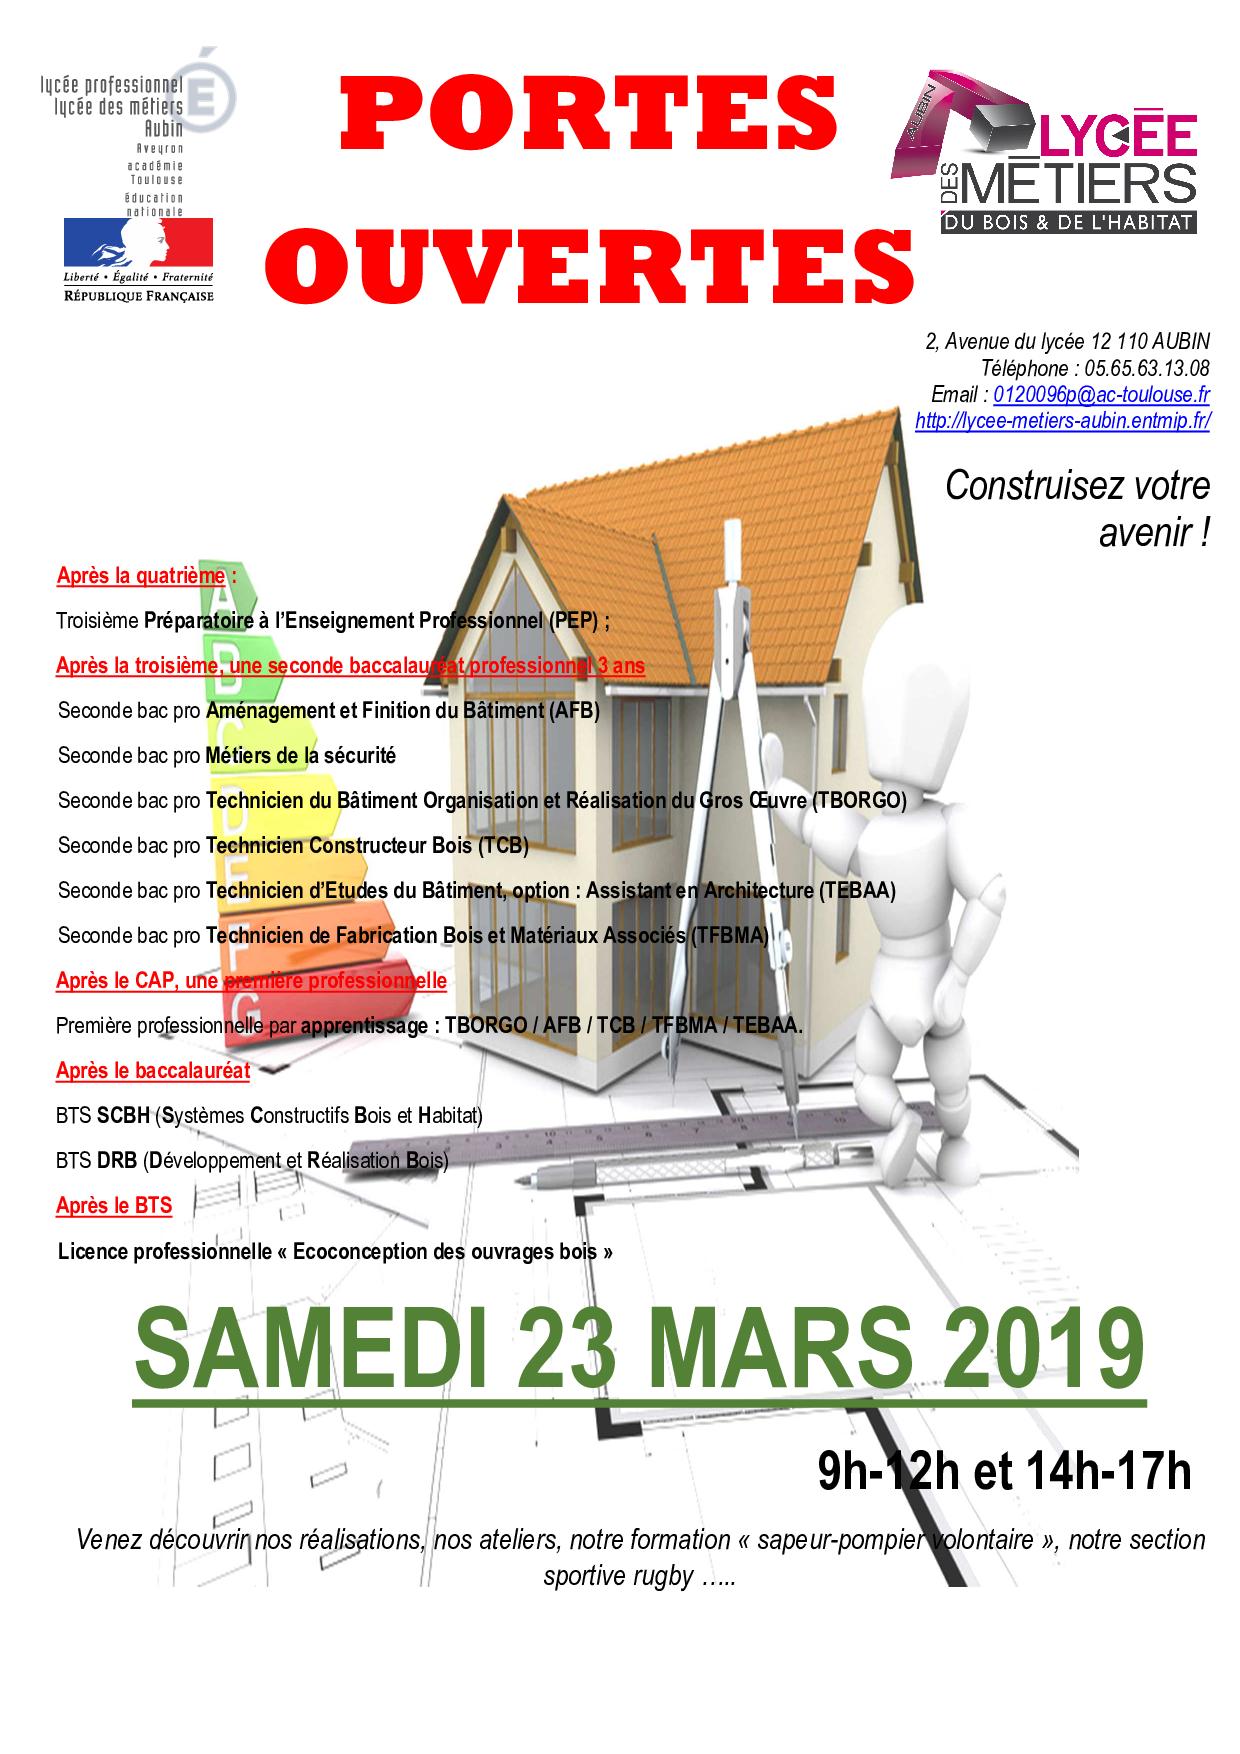 Portes Ouvertes 2019 Revue De Presse Lp Lycee Des Metiers Du